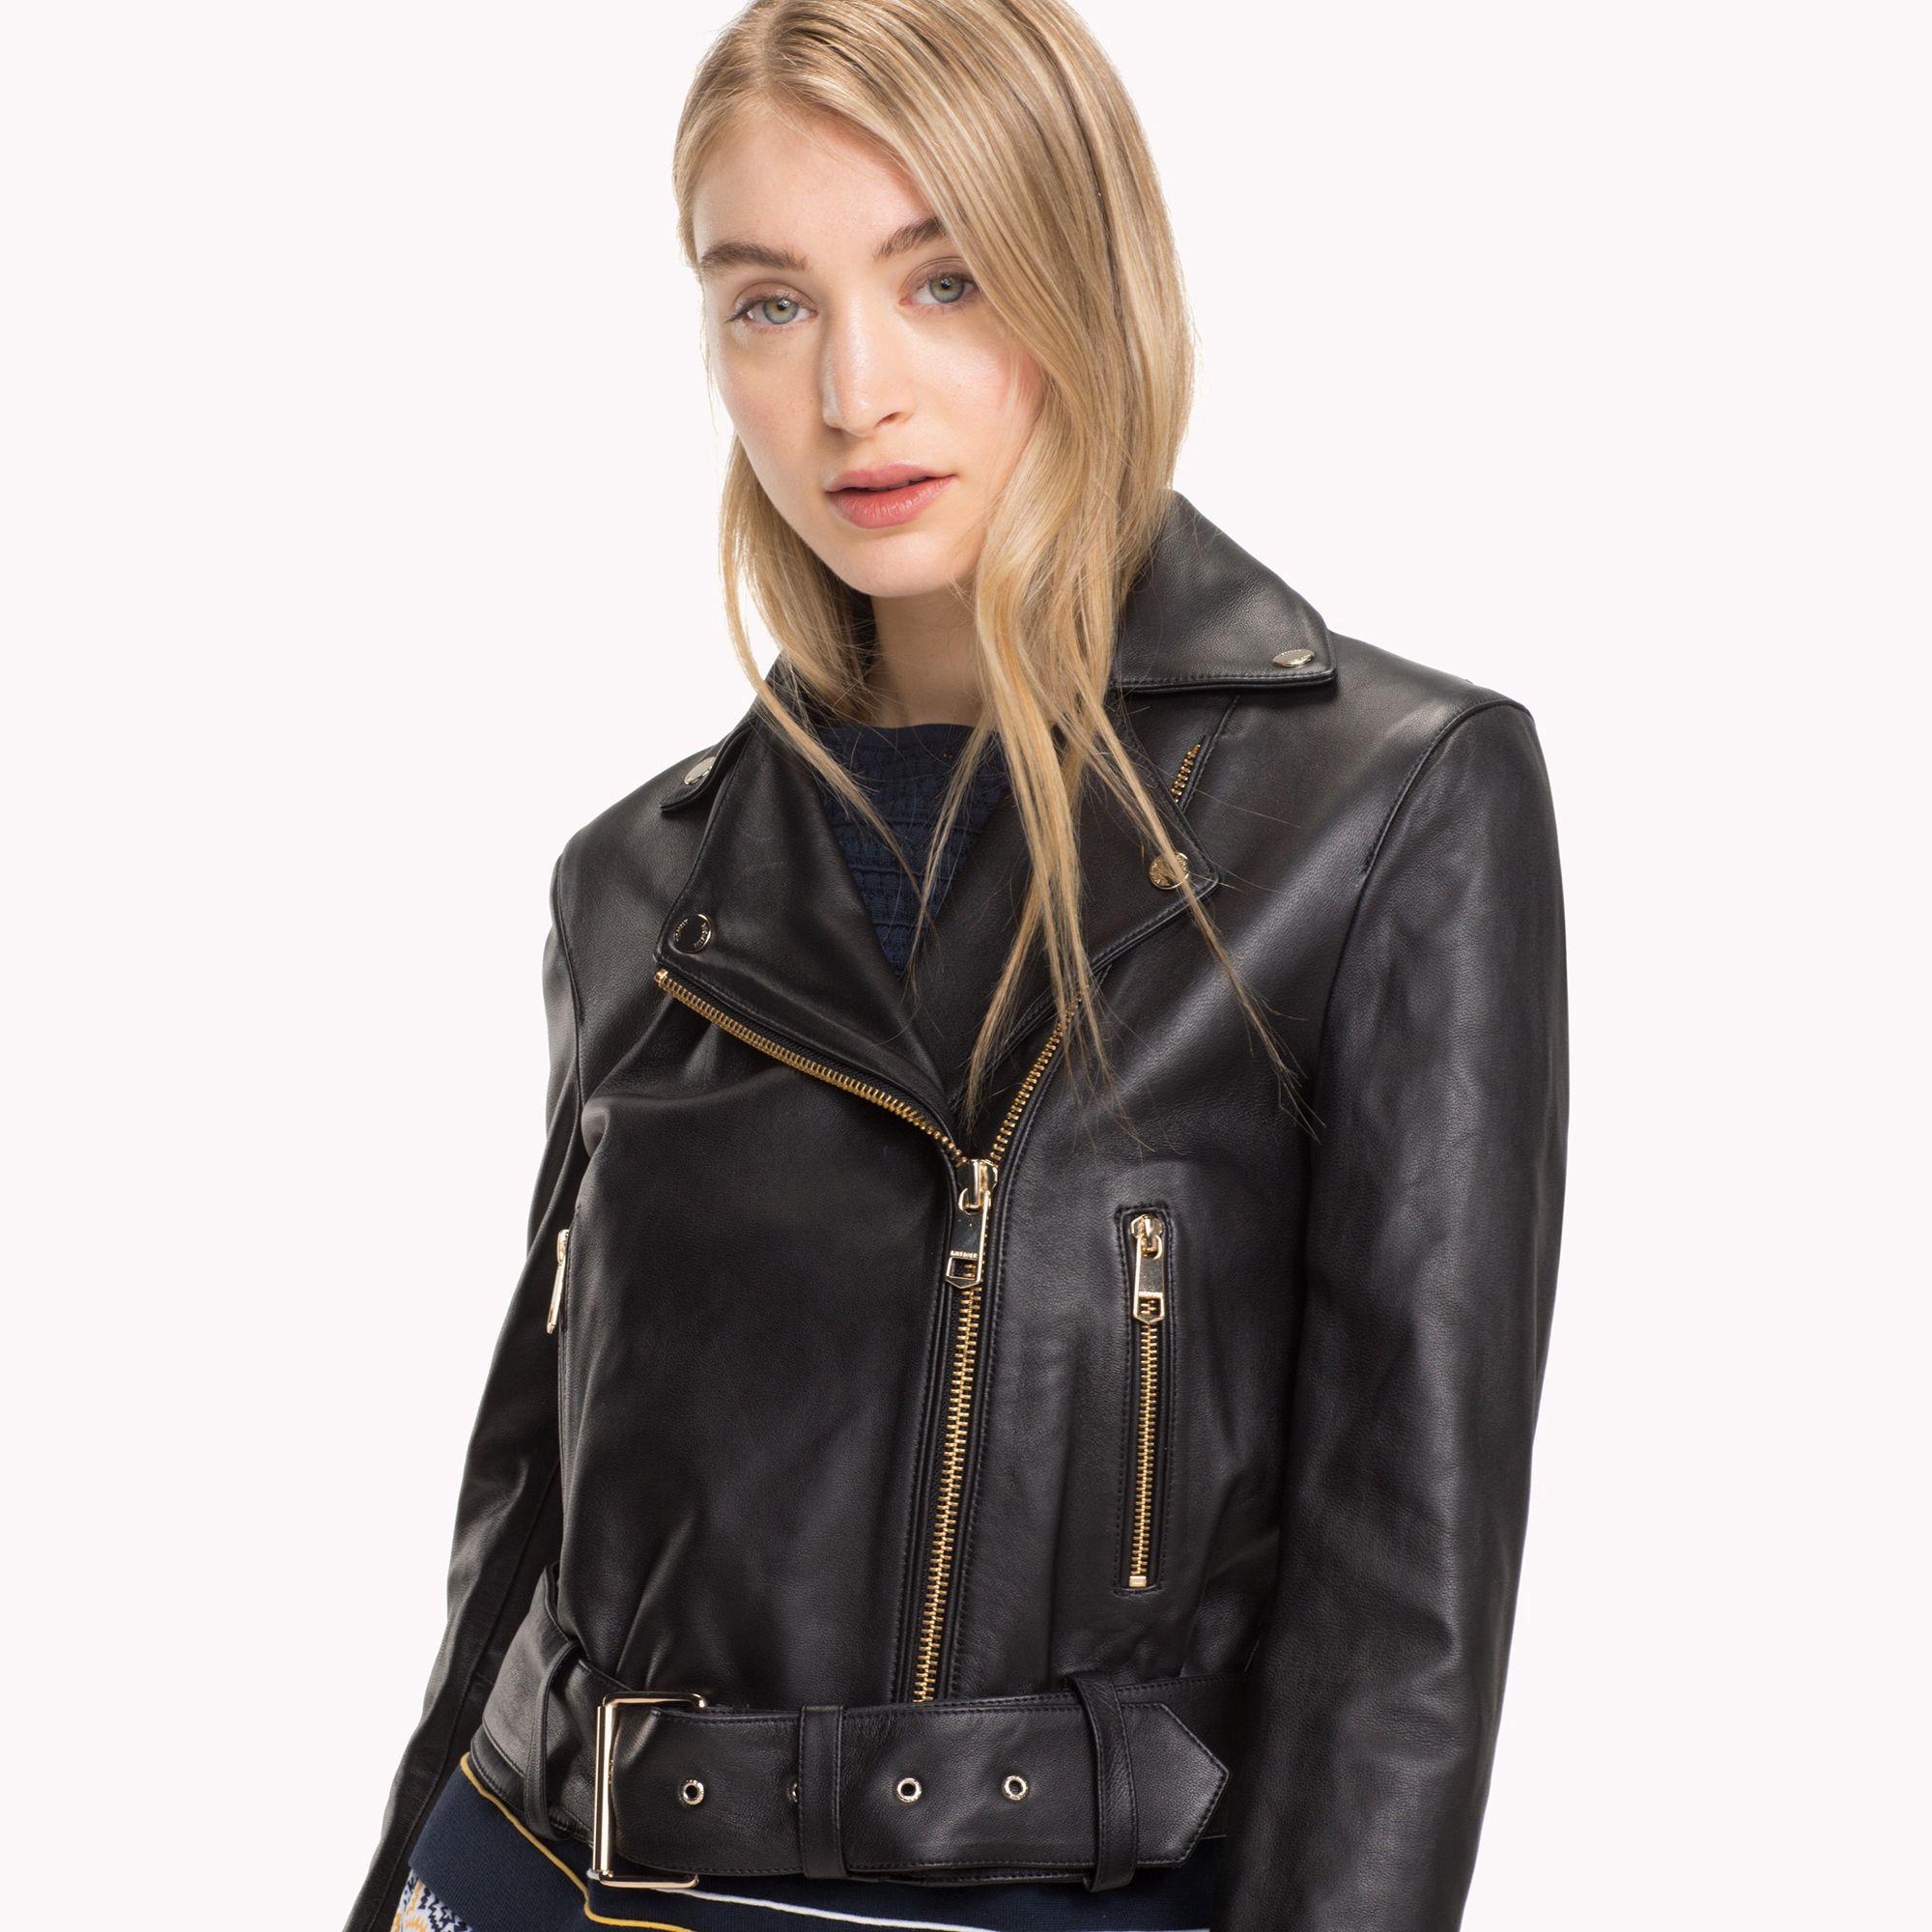 Tommy Hilfiger Leather Biker Jacket 2 Gold Leather Jackets Women Leather Outfit Leather Jacket [ 2000 x 2000 Pixel ]